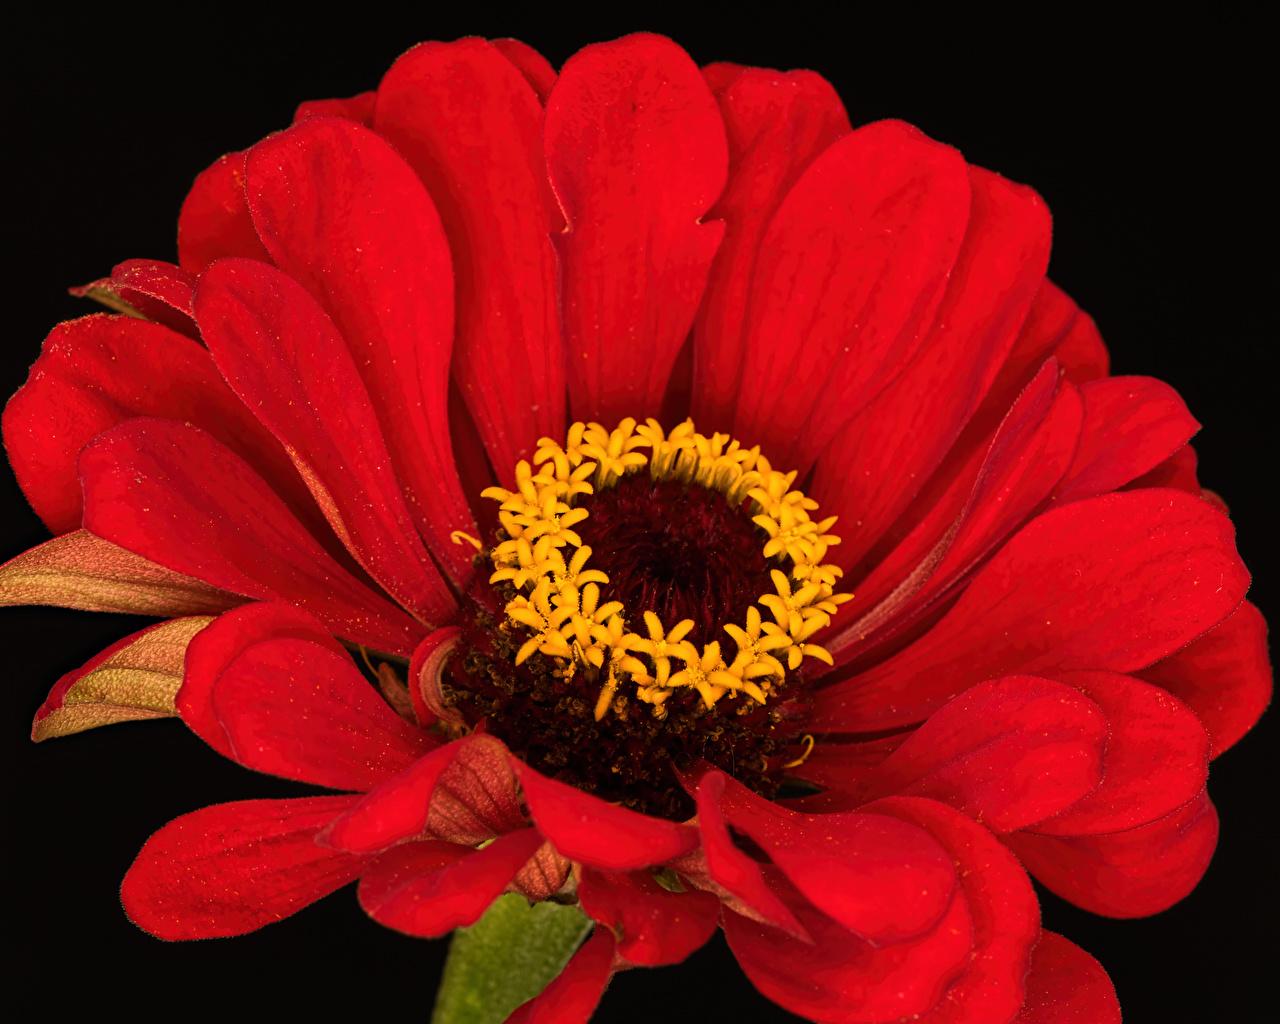 Bilder von Rot Blumen Zinnien Großansicht Schwarzer Hintergrund Blüte hautnah Nahaufnahme